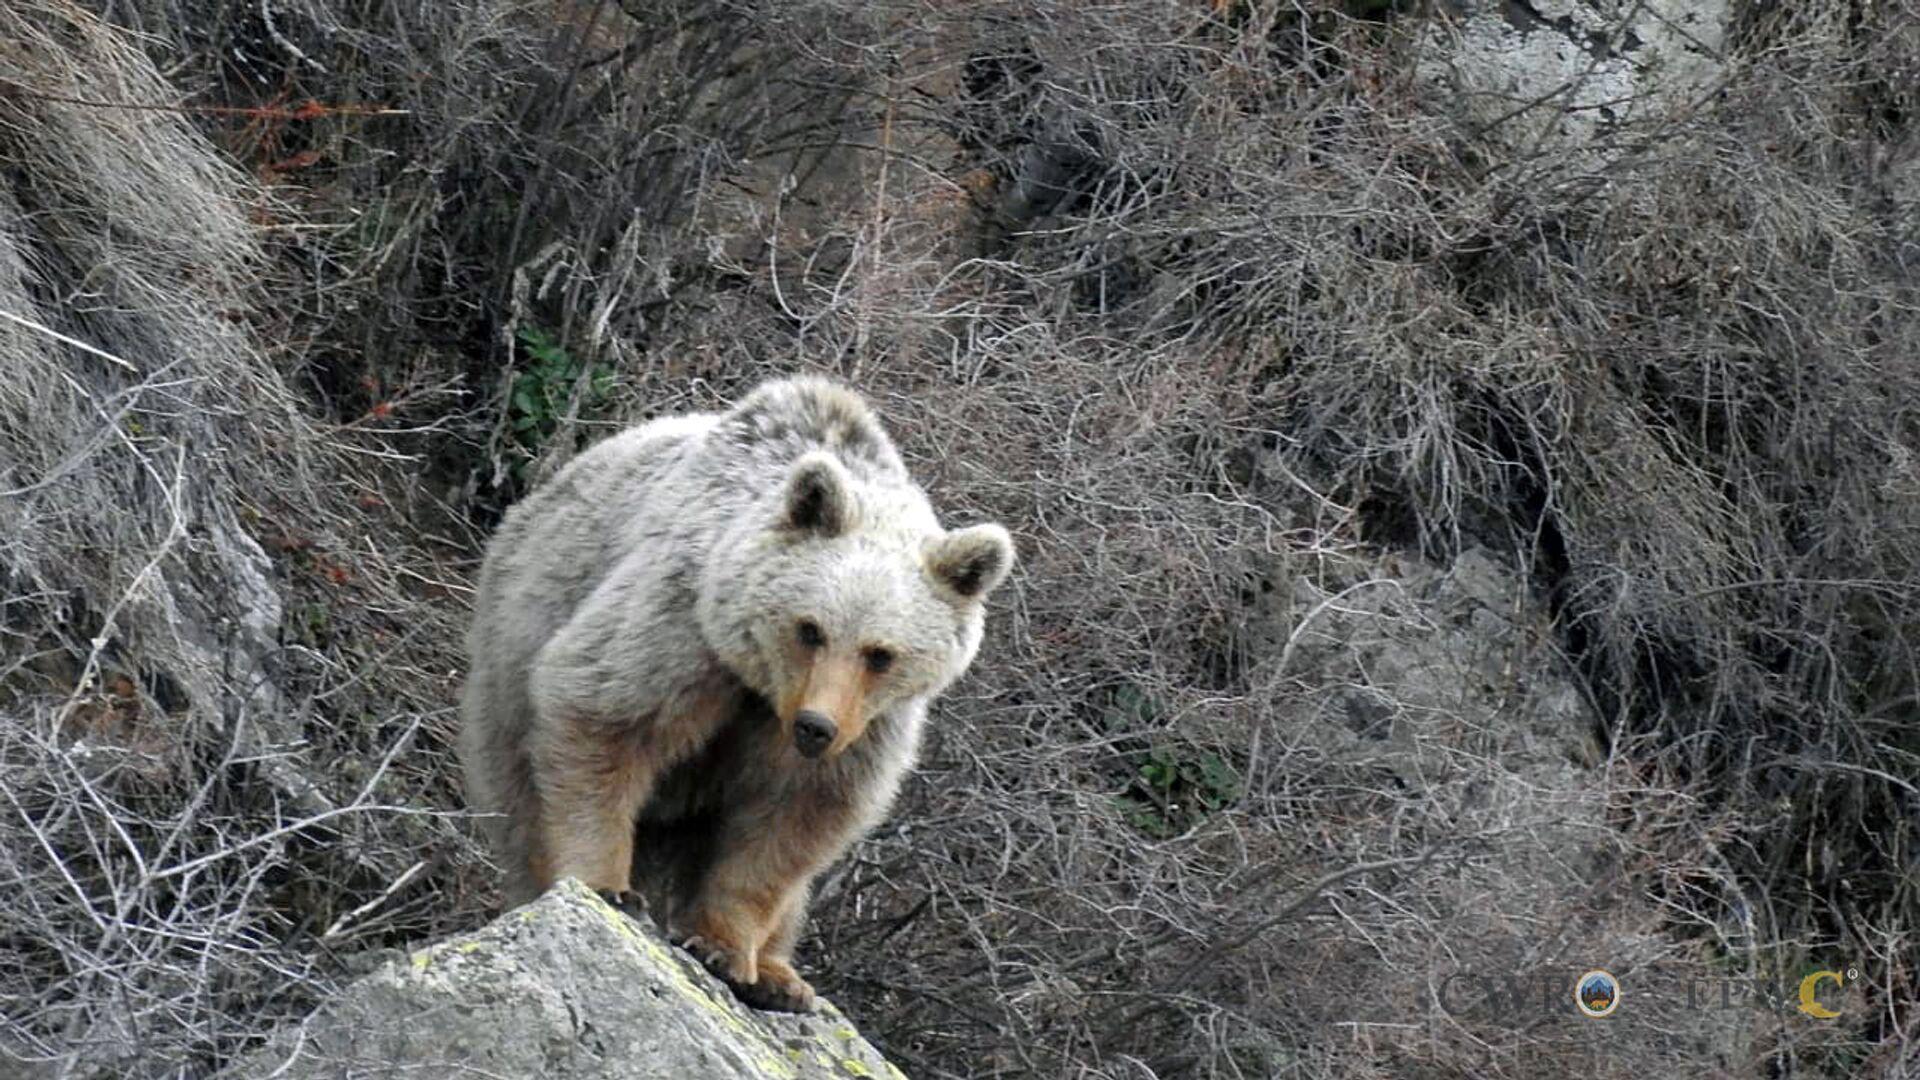 Бурый медведь в Вайоц Дзоре - Sputnik Армения, 1920, 25.09.2021